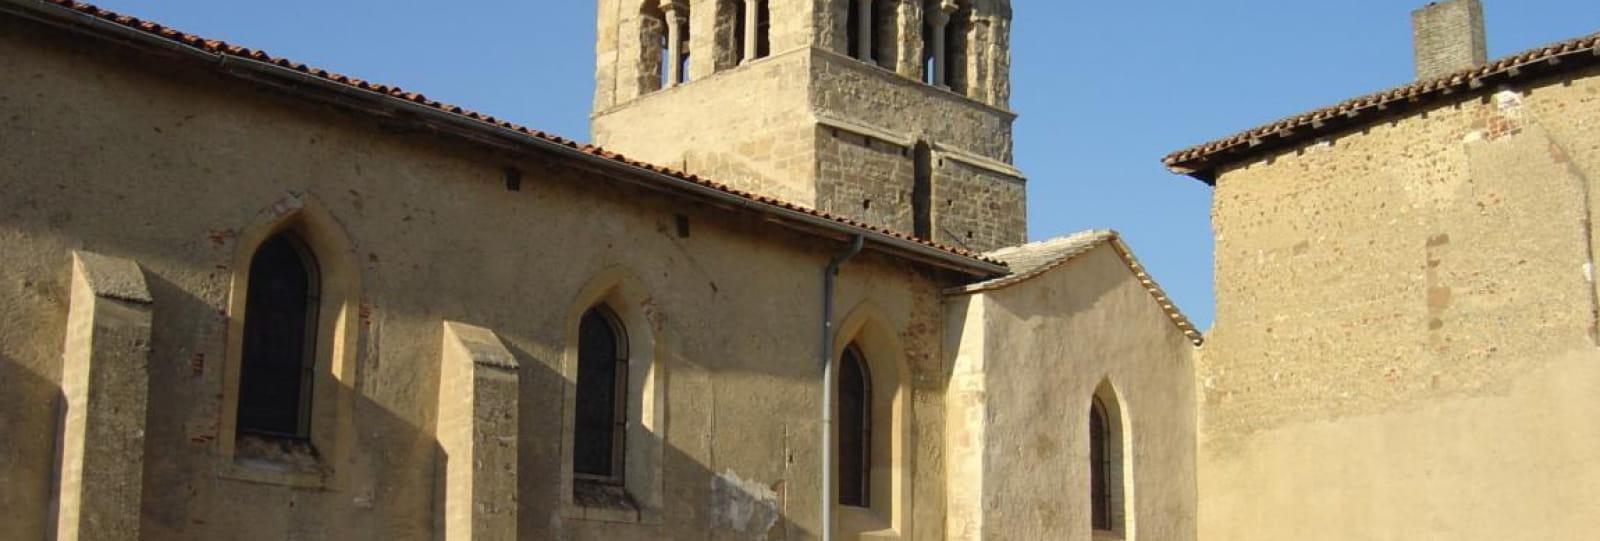 Eglise de Manthes